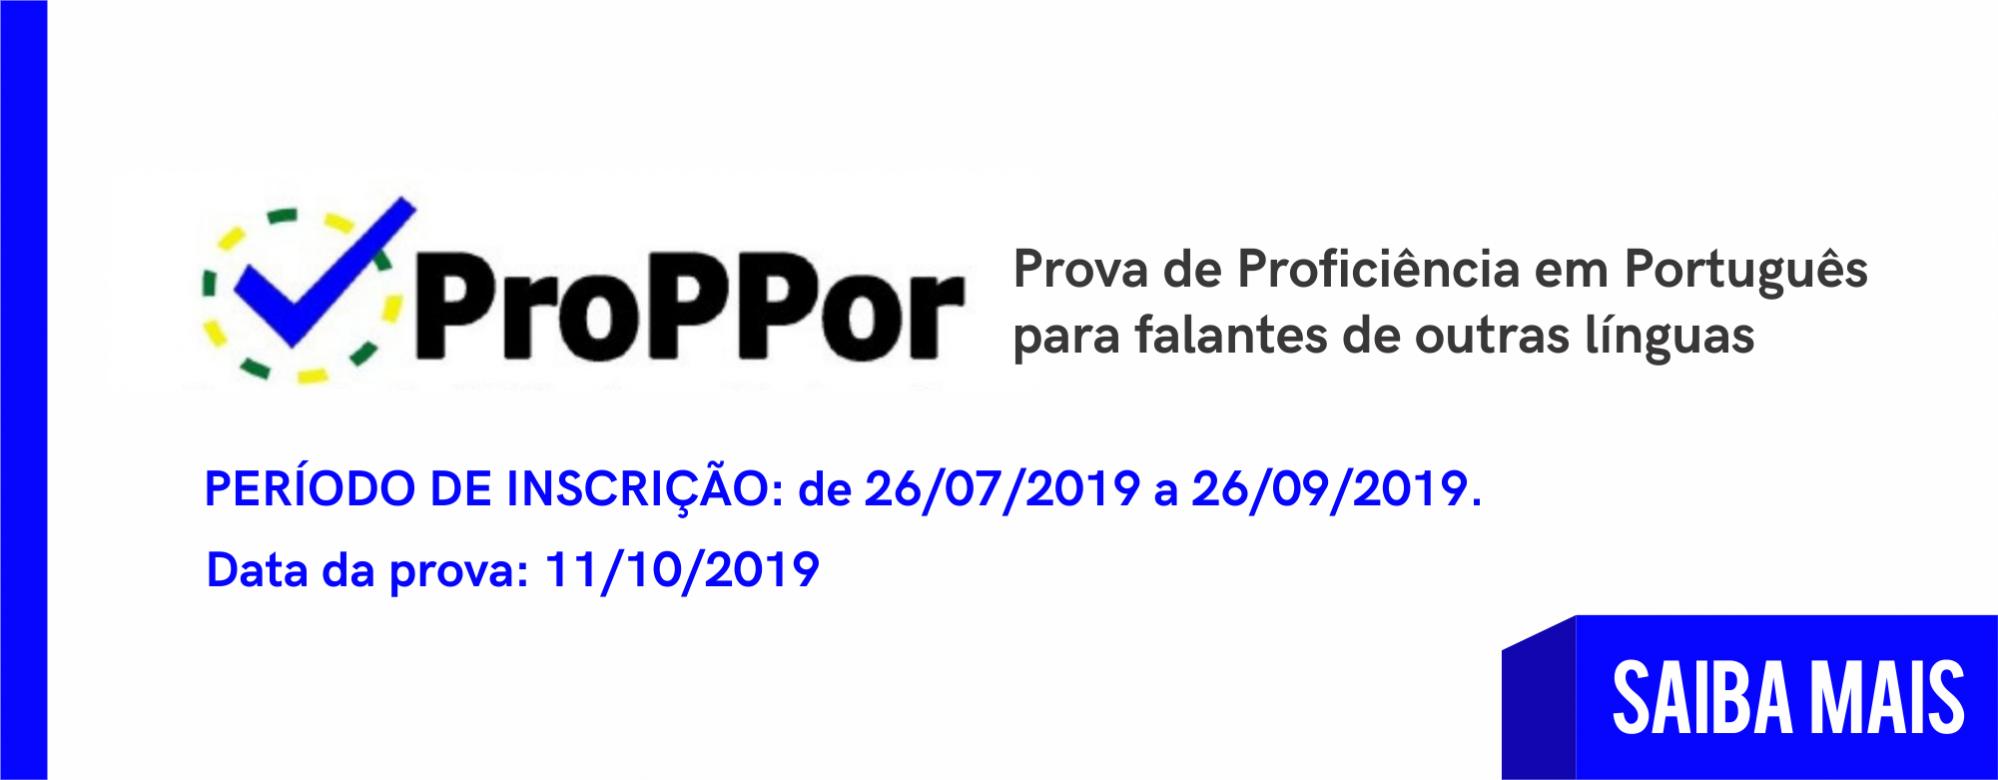 Prova de Proficiência em Português